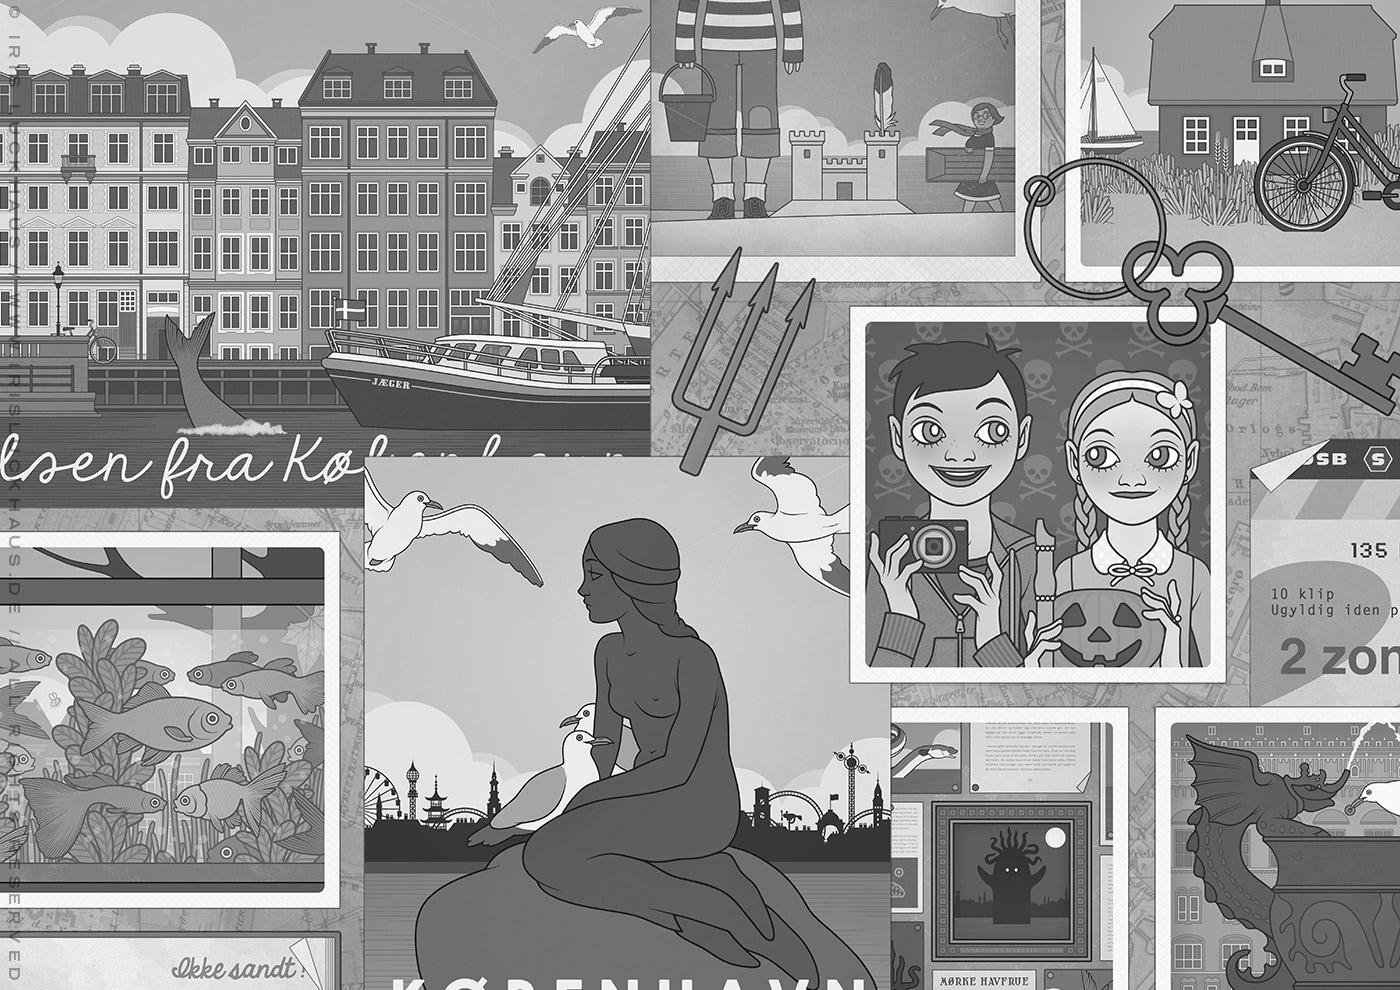 Scrapbook-Illustration von Iris Luckhaus mit Meerjungfrau, Fischen und Freundinnen für das Vorsatzblatt des Buchs Lillesang – Das Geheimnis der dunklen Nixe von Nina Blazon